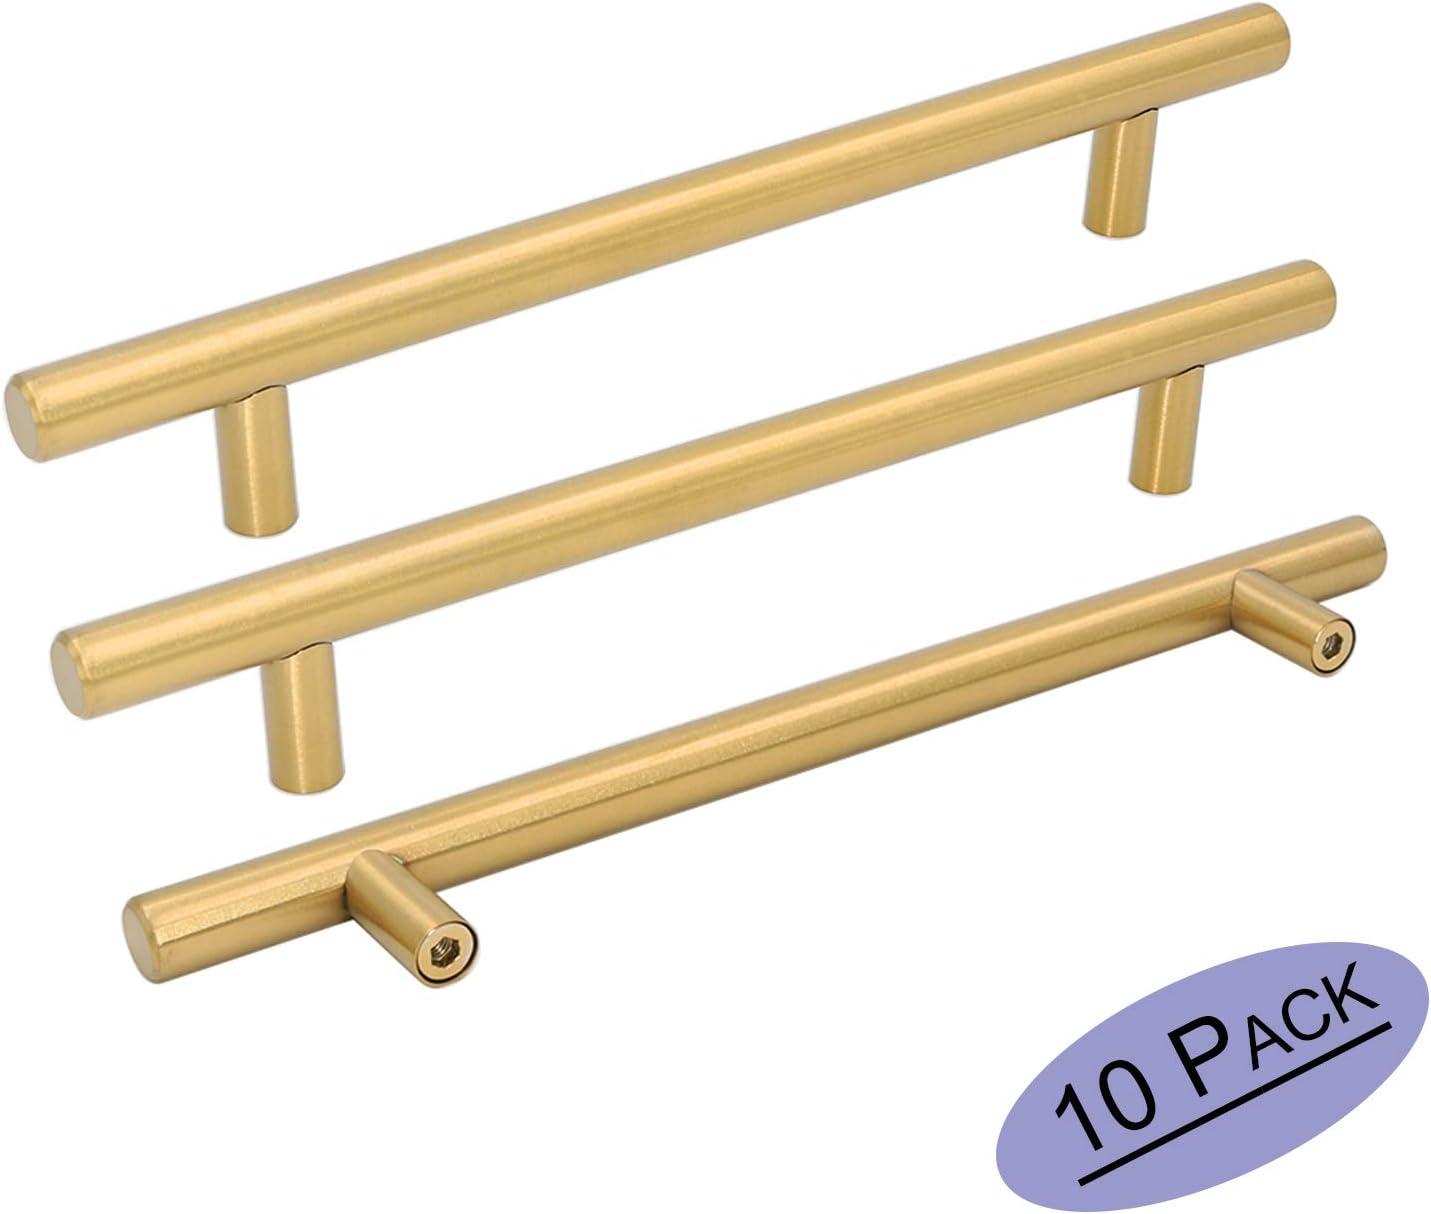 10 piezas Goldenwarm de acero inoxidable dorado y moderno para puerta de cocina armario de cocina manillar de barra para tirar pomo de lat/ón cepillado